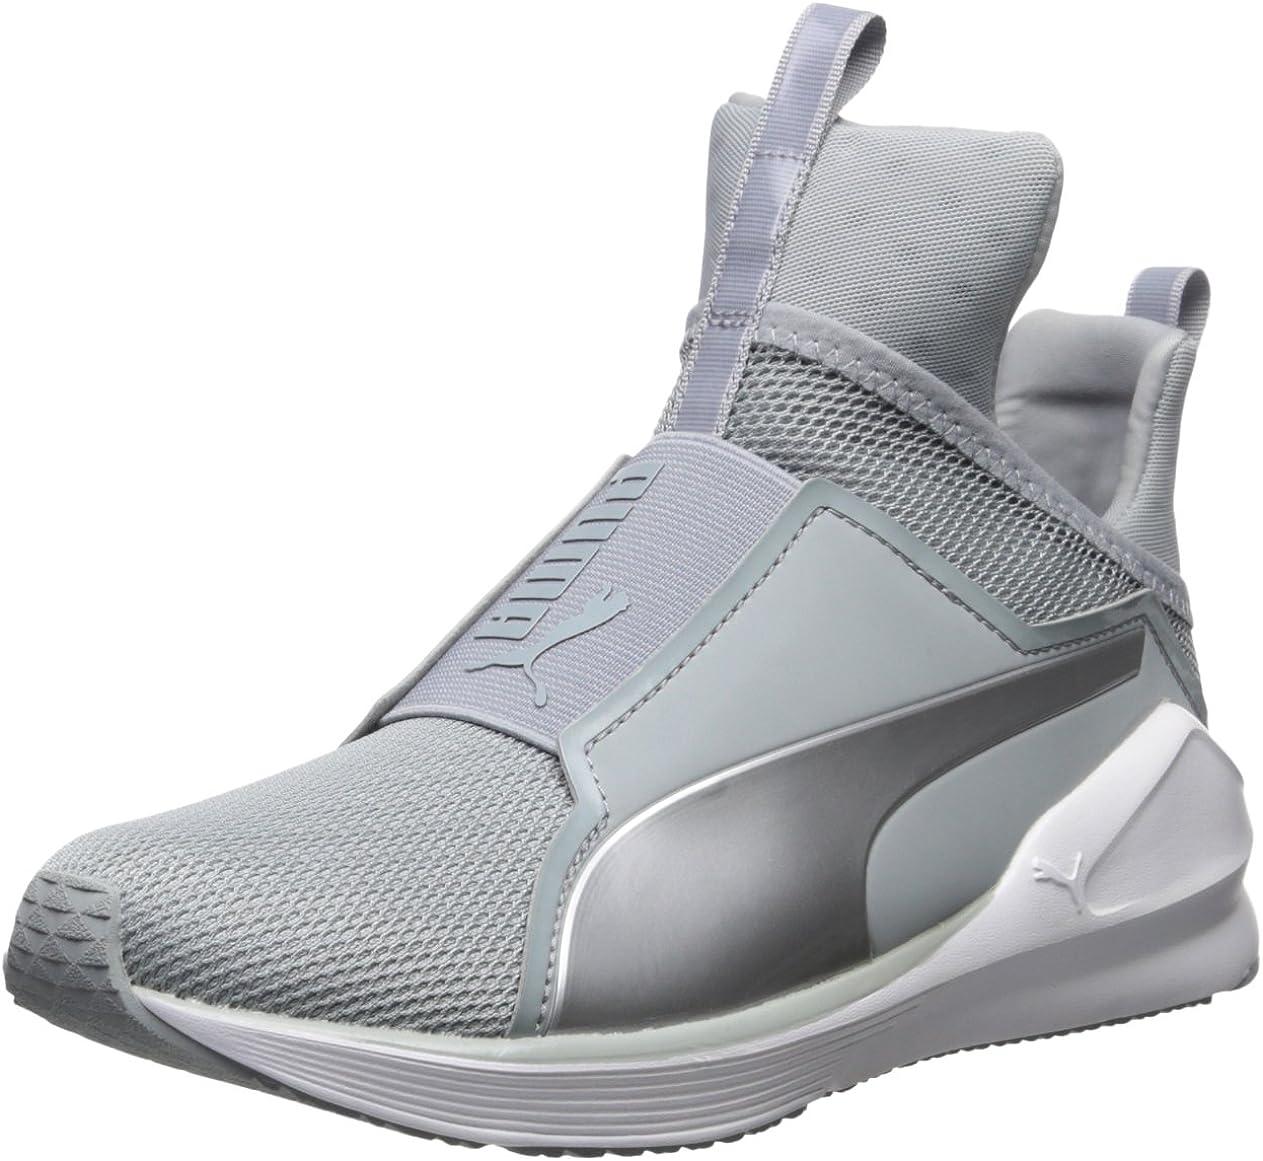 Fierce Cross-Trainer Shoe Core